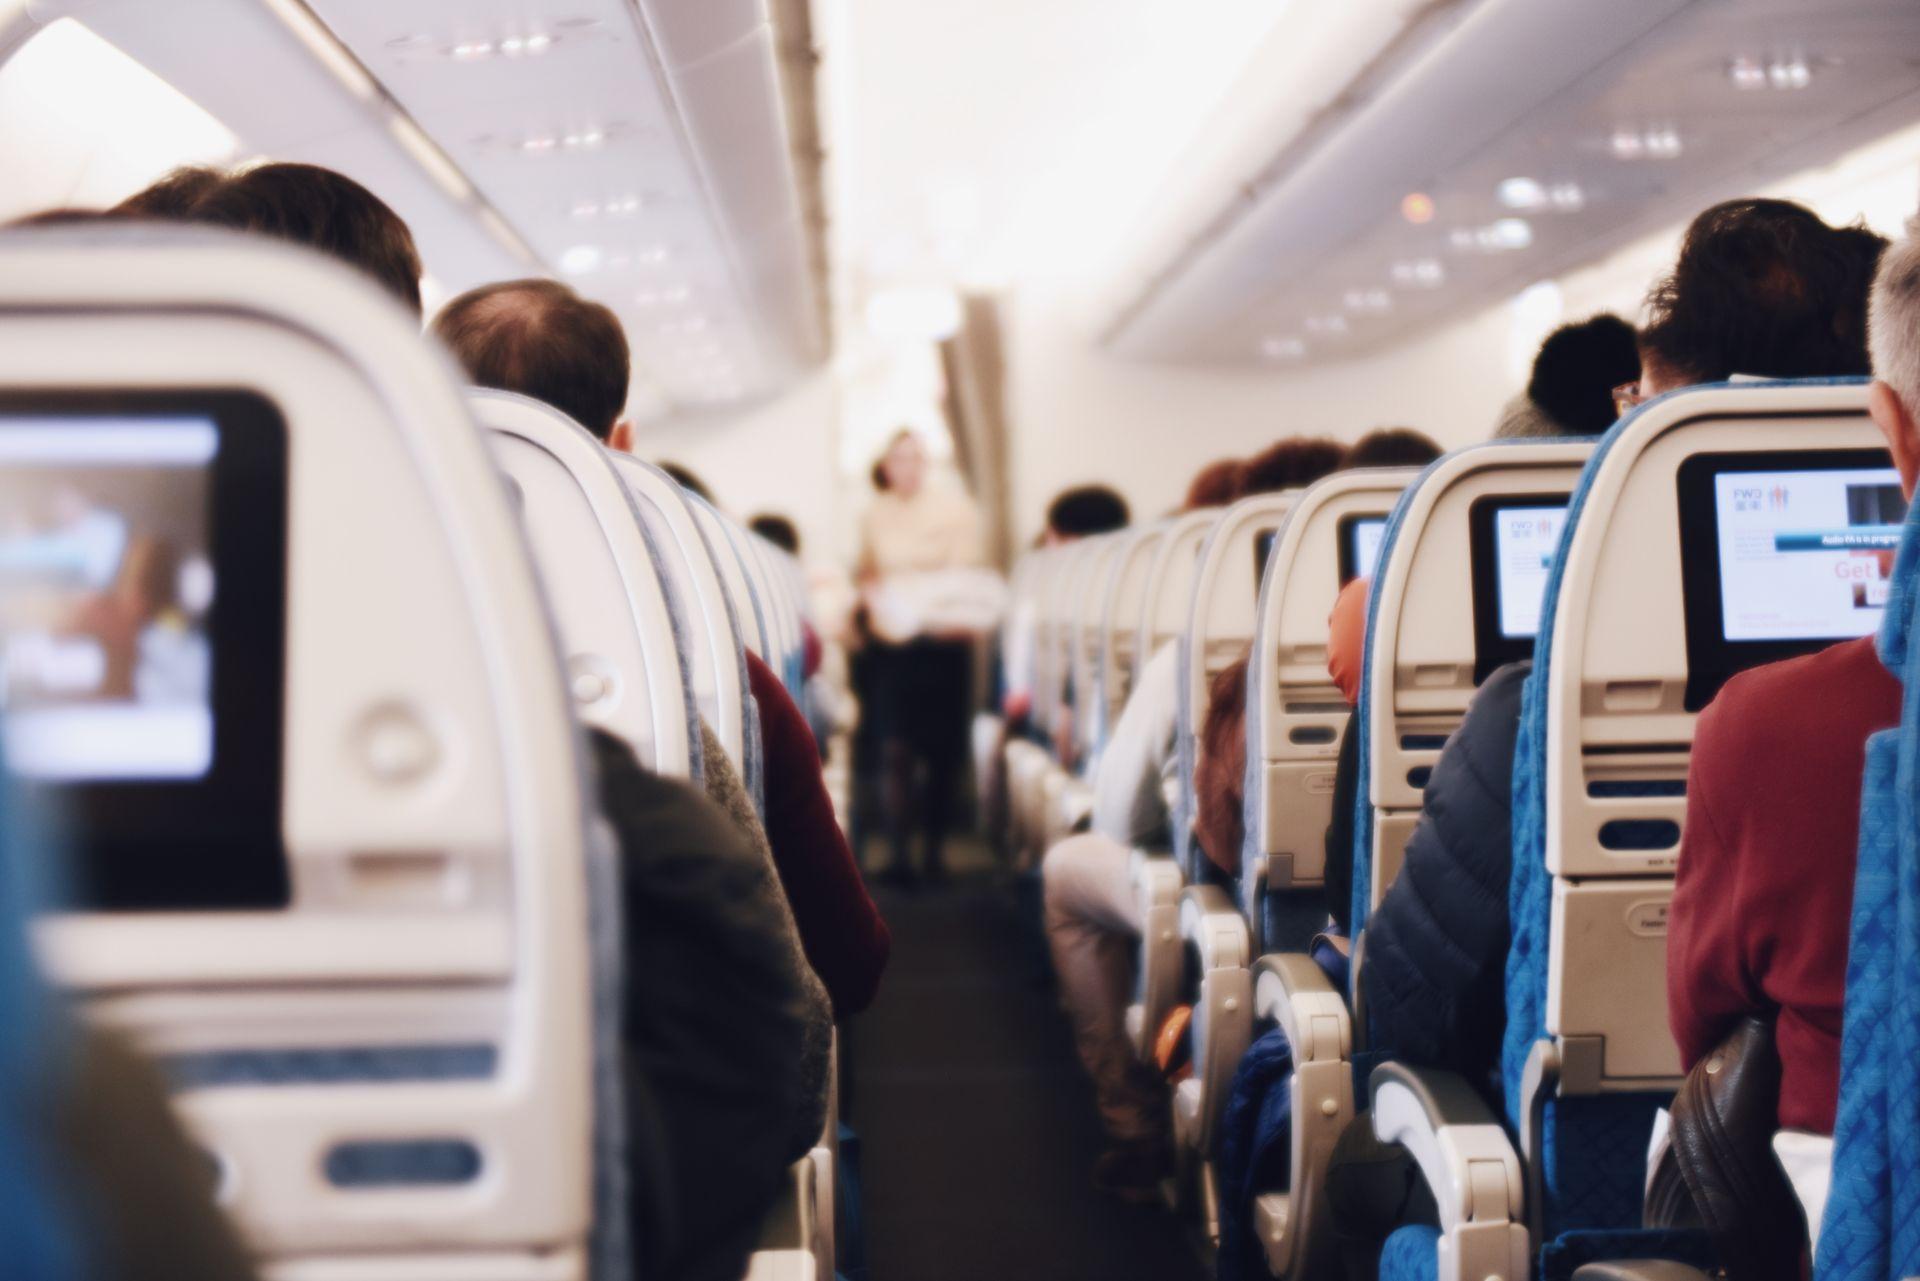 Stalo vidomo, jak zrosly pasažyropotoky čerez aeroporty Ukraїny